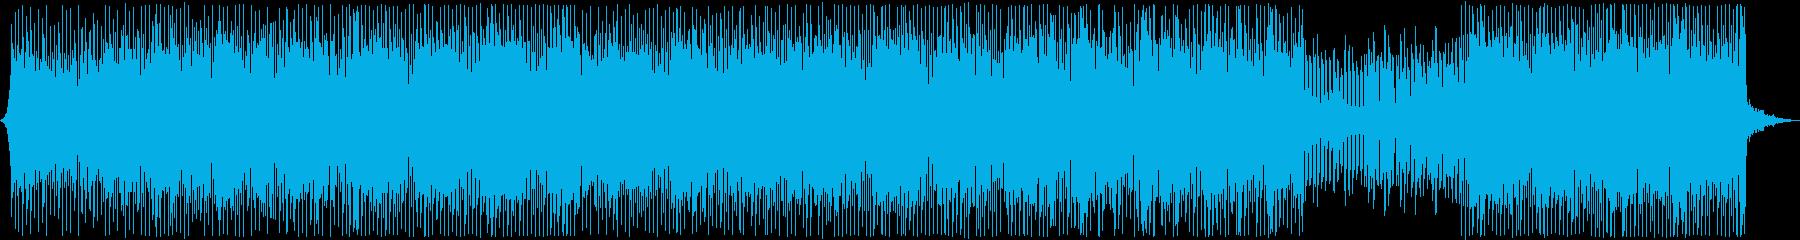 ハードコアの再生済みの波形